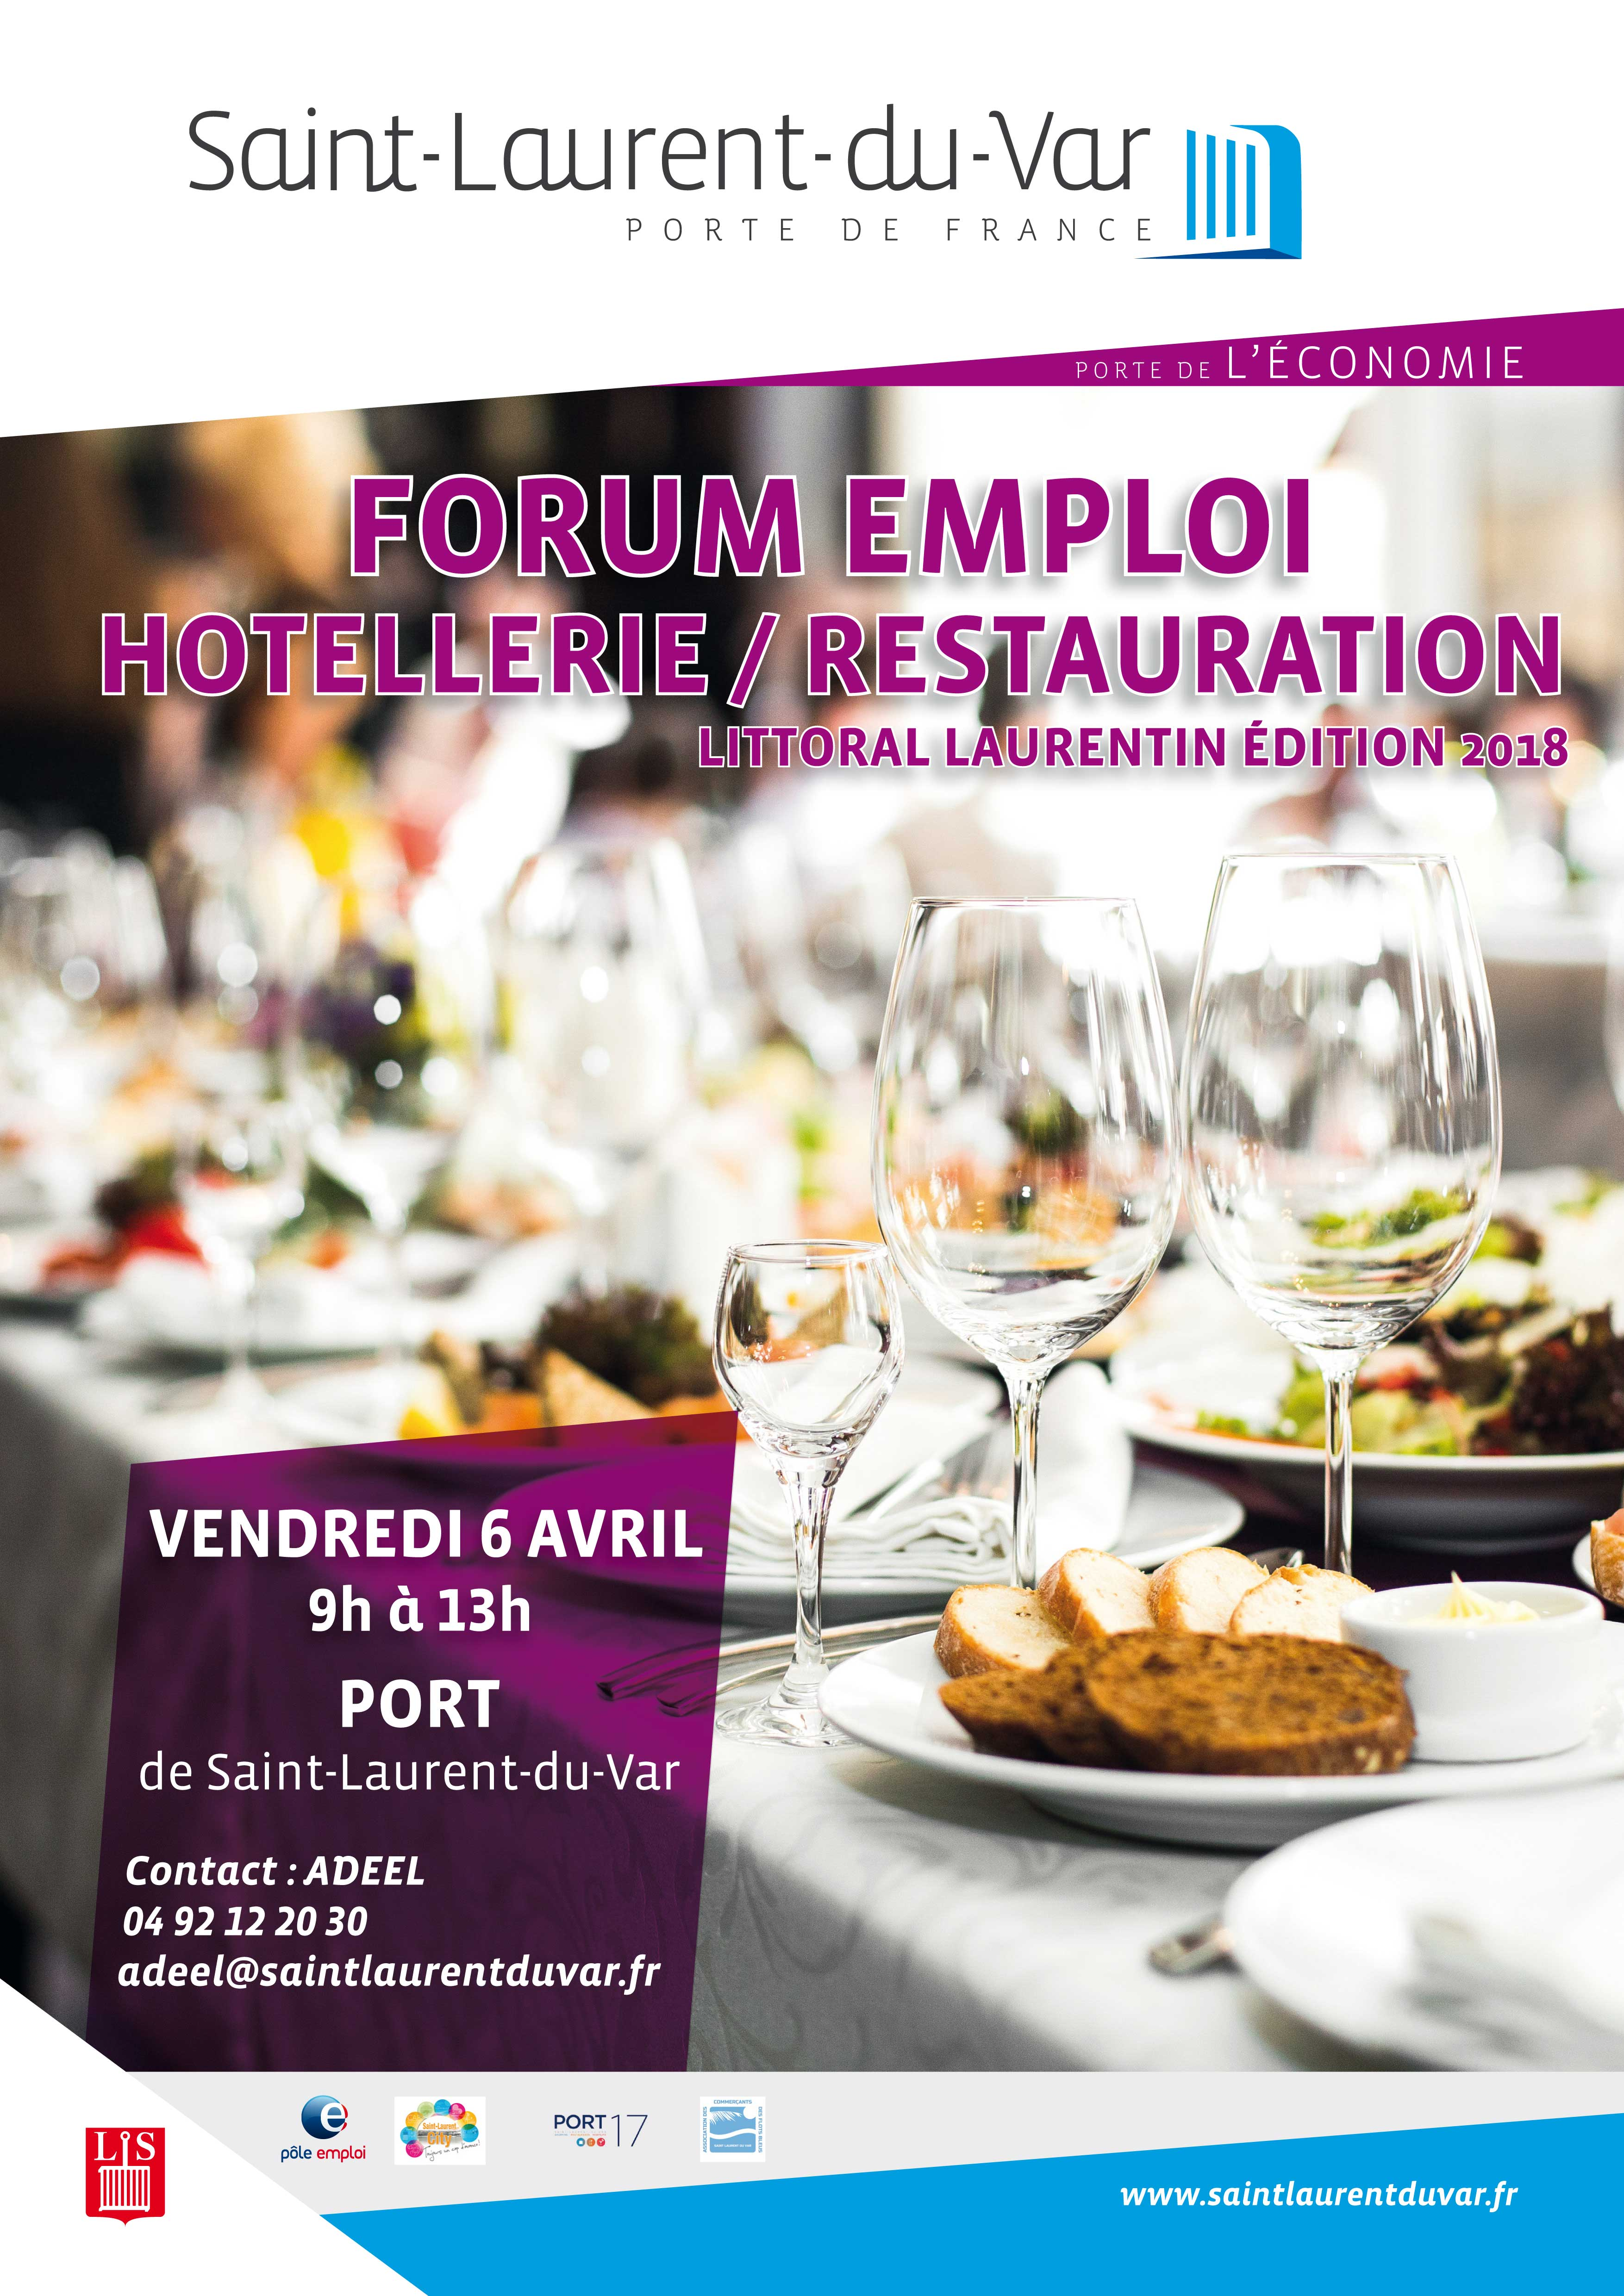 Le forum emploi h tellerie restauration 50 offres for Emplois hotellerie restauration